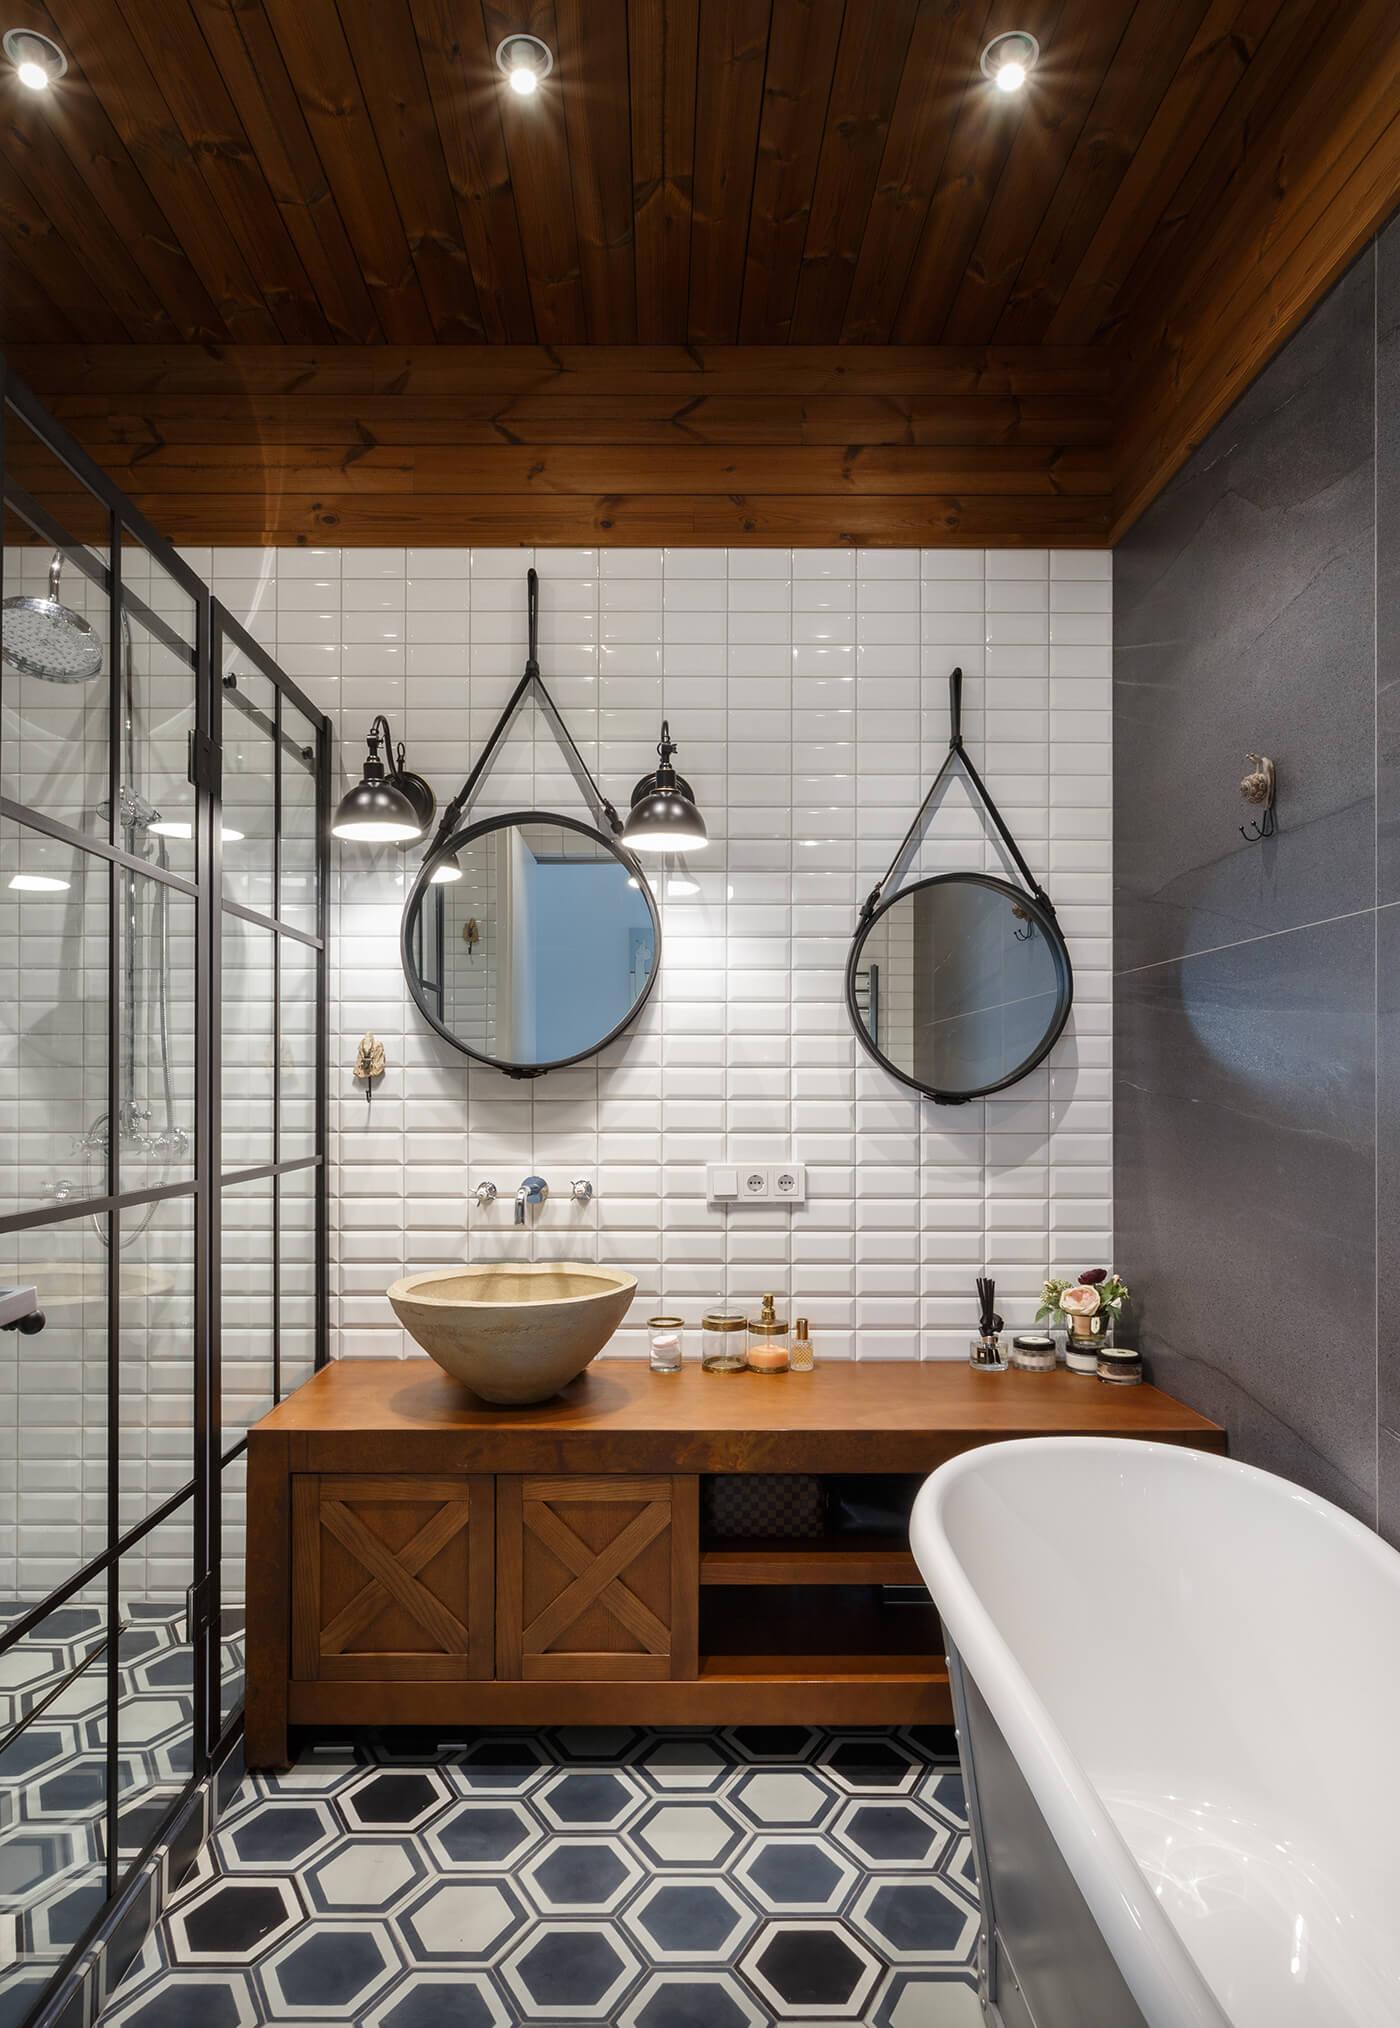 apartament-v-ukraina-s-kreativen-interioren-dizian-9g